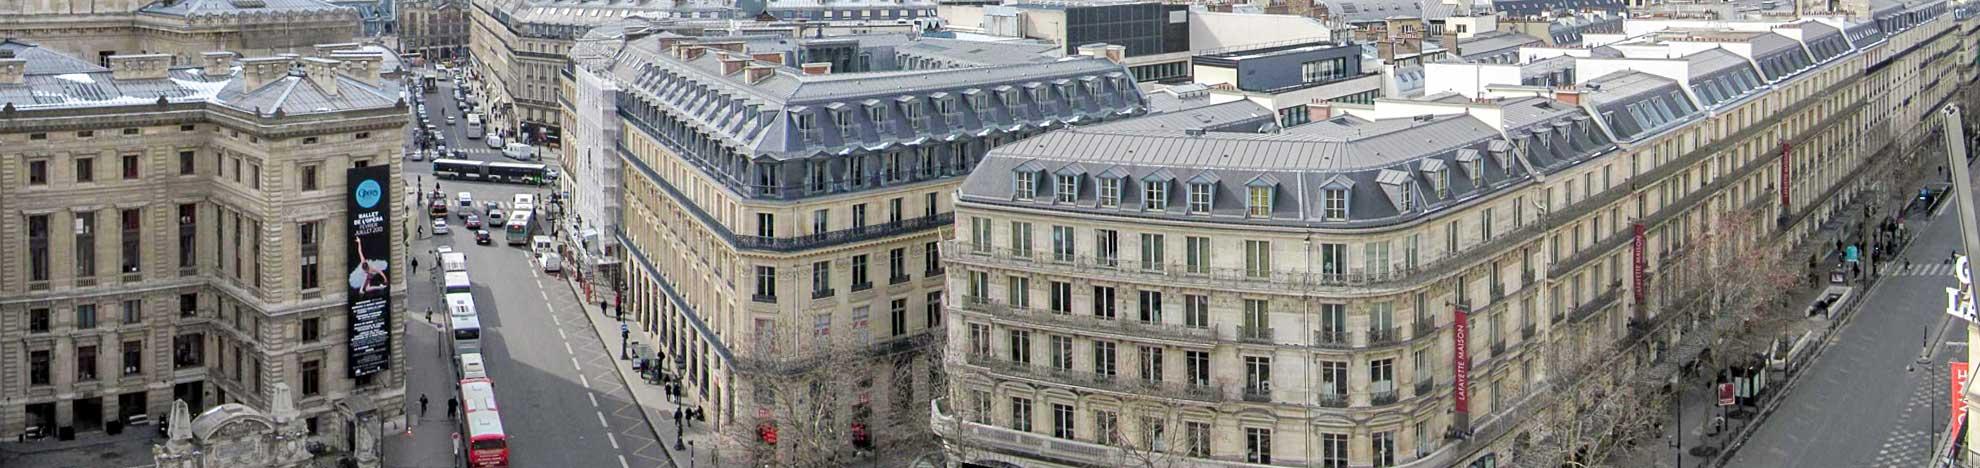 Cité des Sciences et de l'Industrie - Cité des Enfants